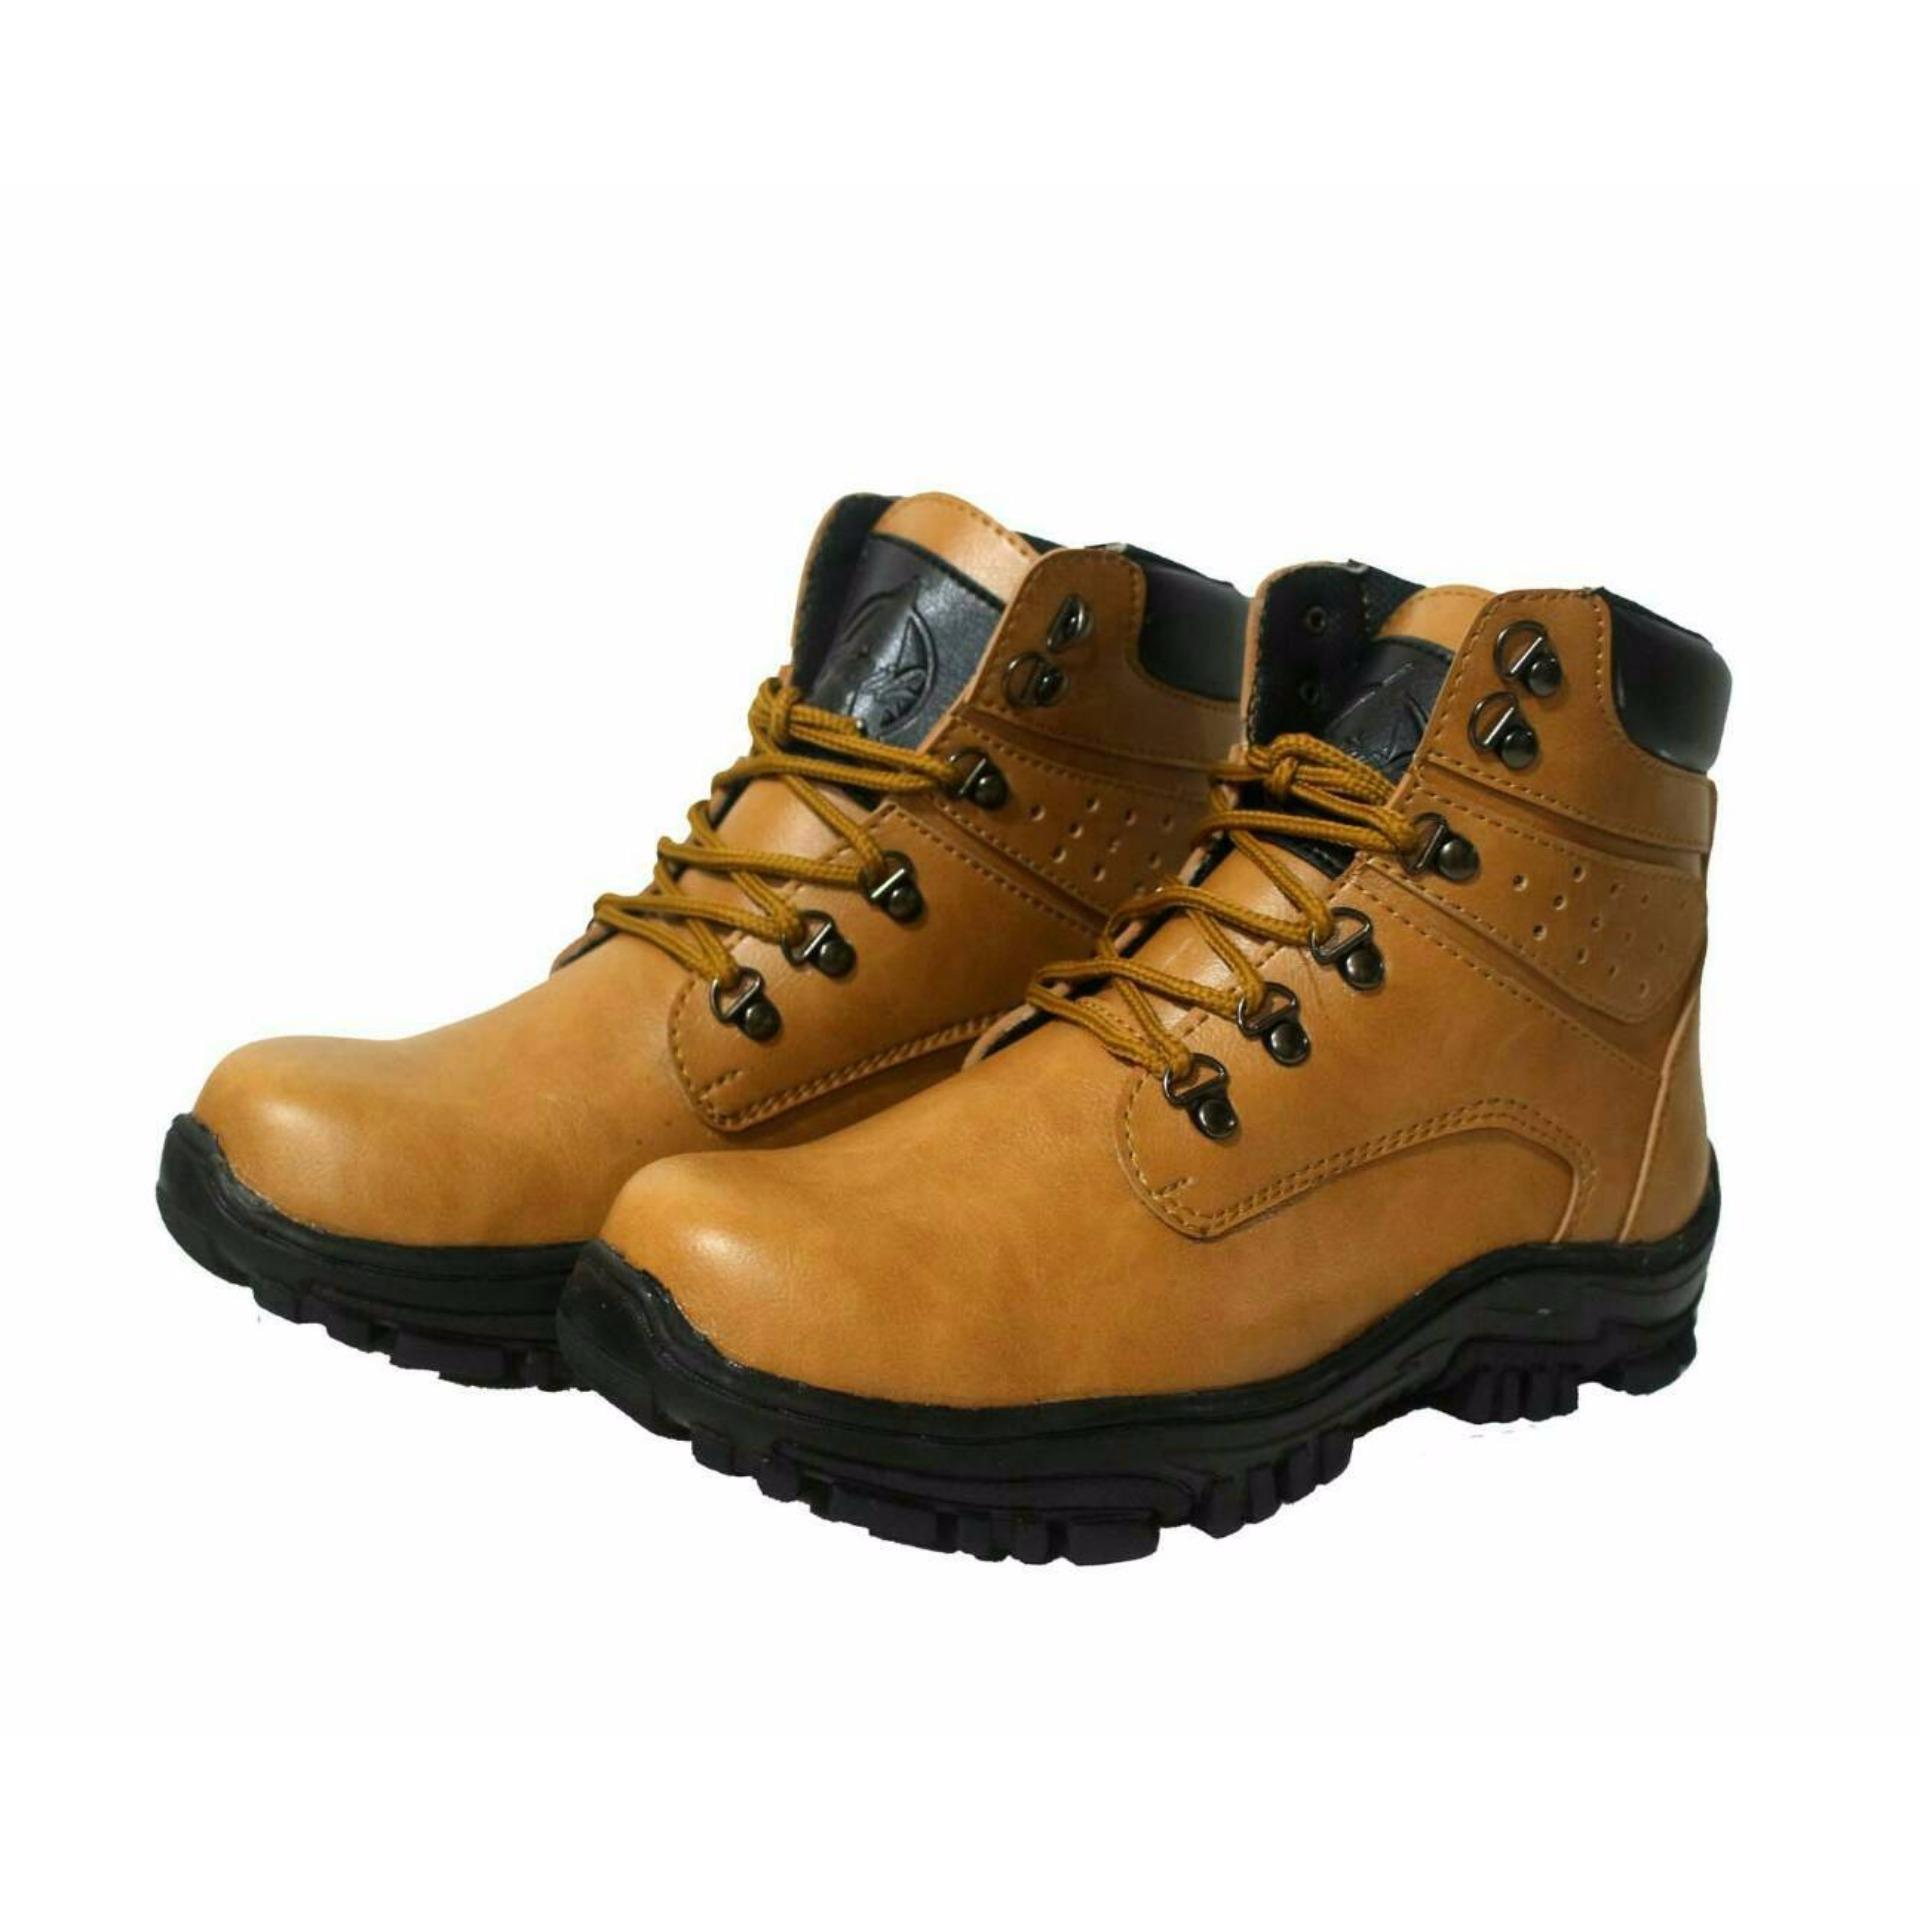 Sepatu Formal Boots Pantofel Pria Untuk Kerja dan Kantor Kulit Sintetis KERAK STORE Sepatu Boots Safety